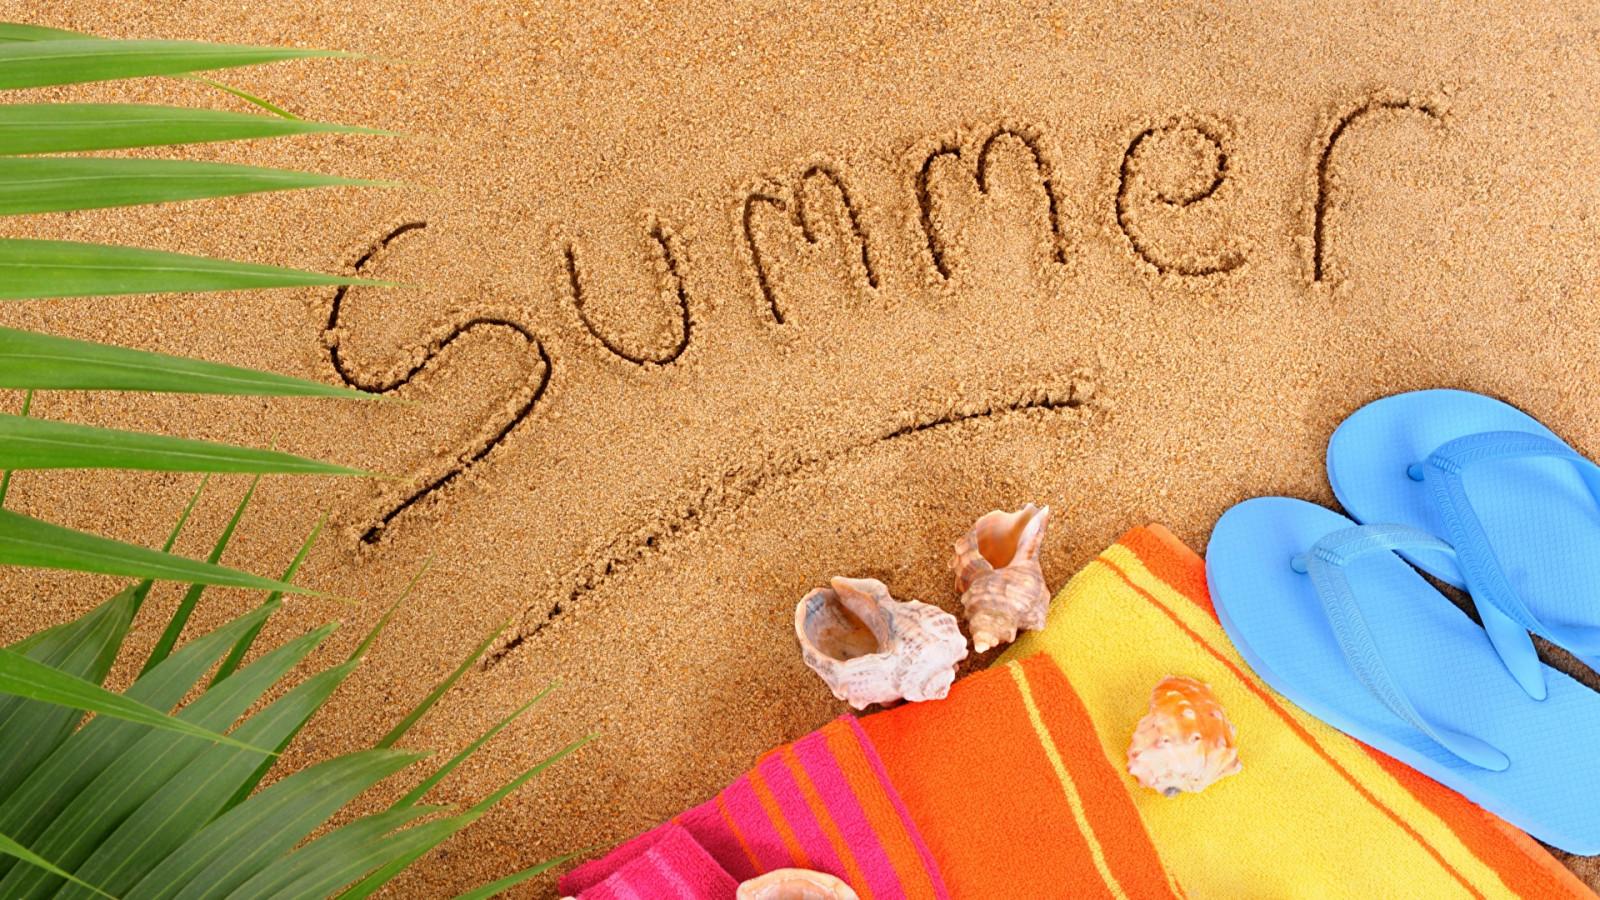 Картинки с надписями лето наше, надписями мой